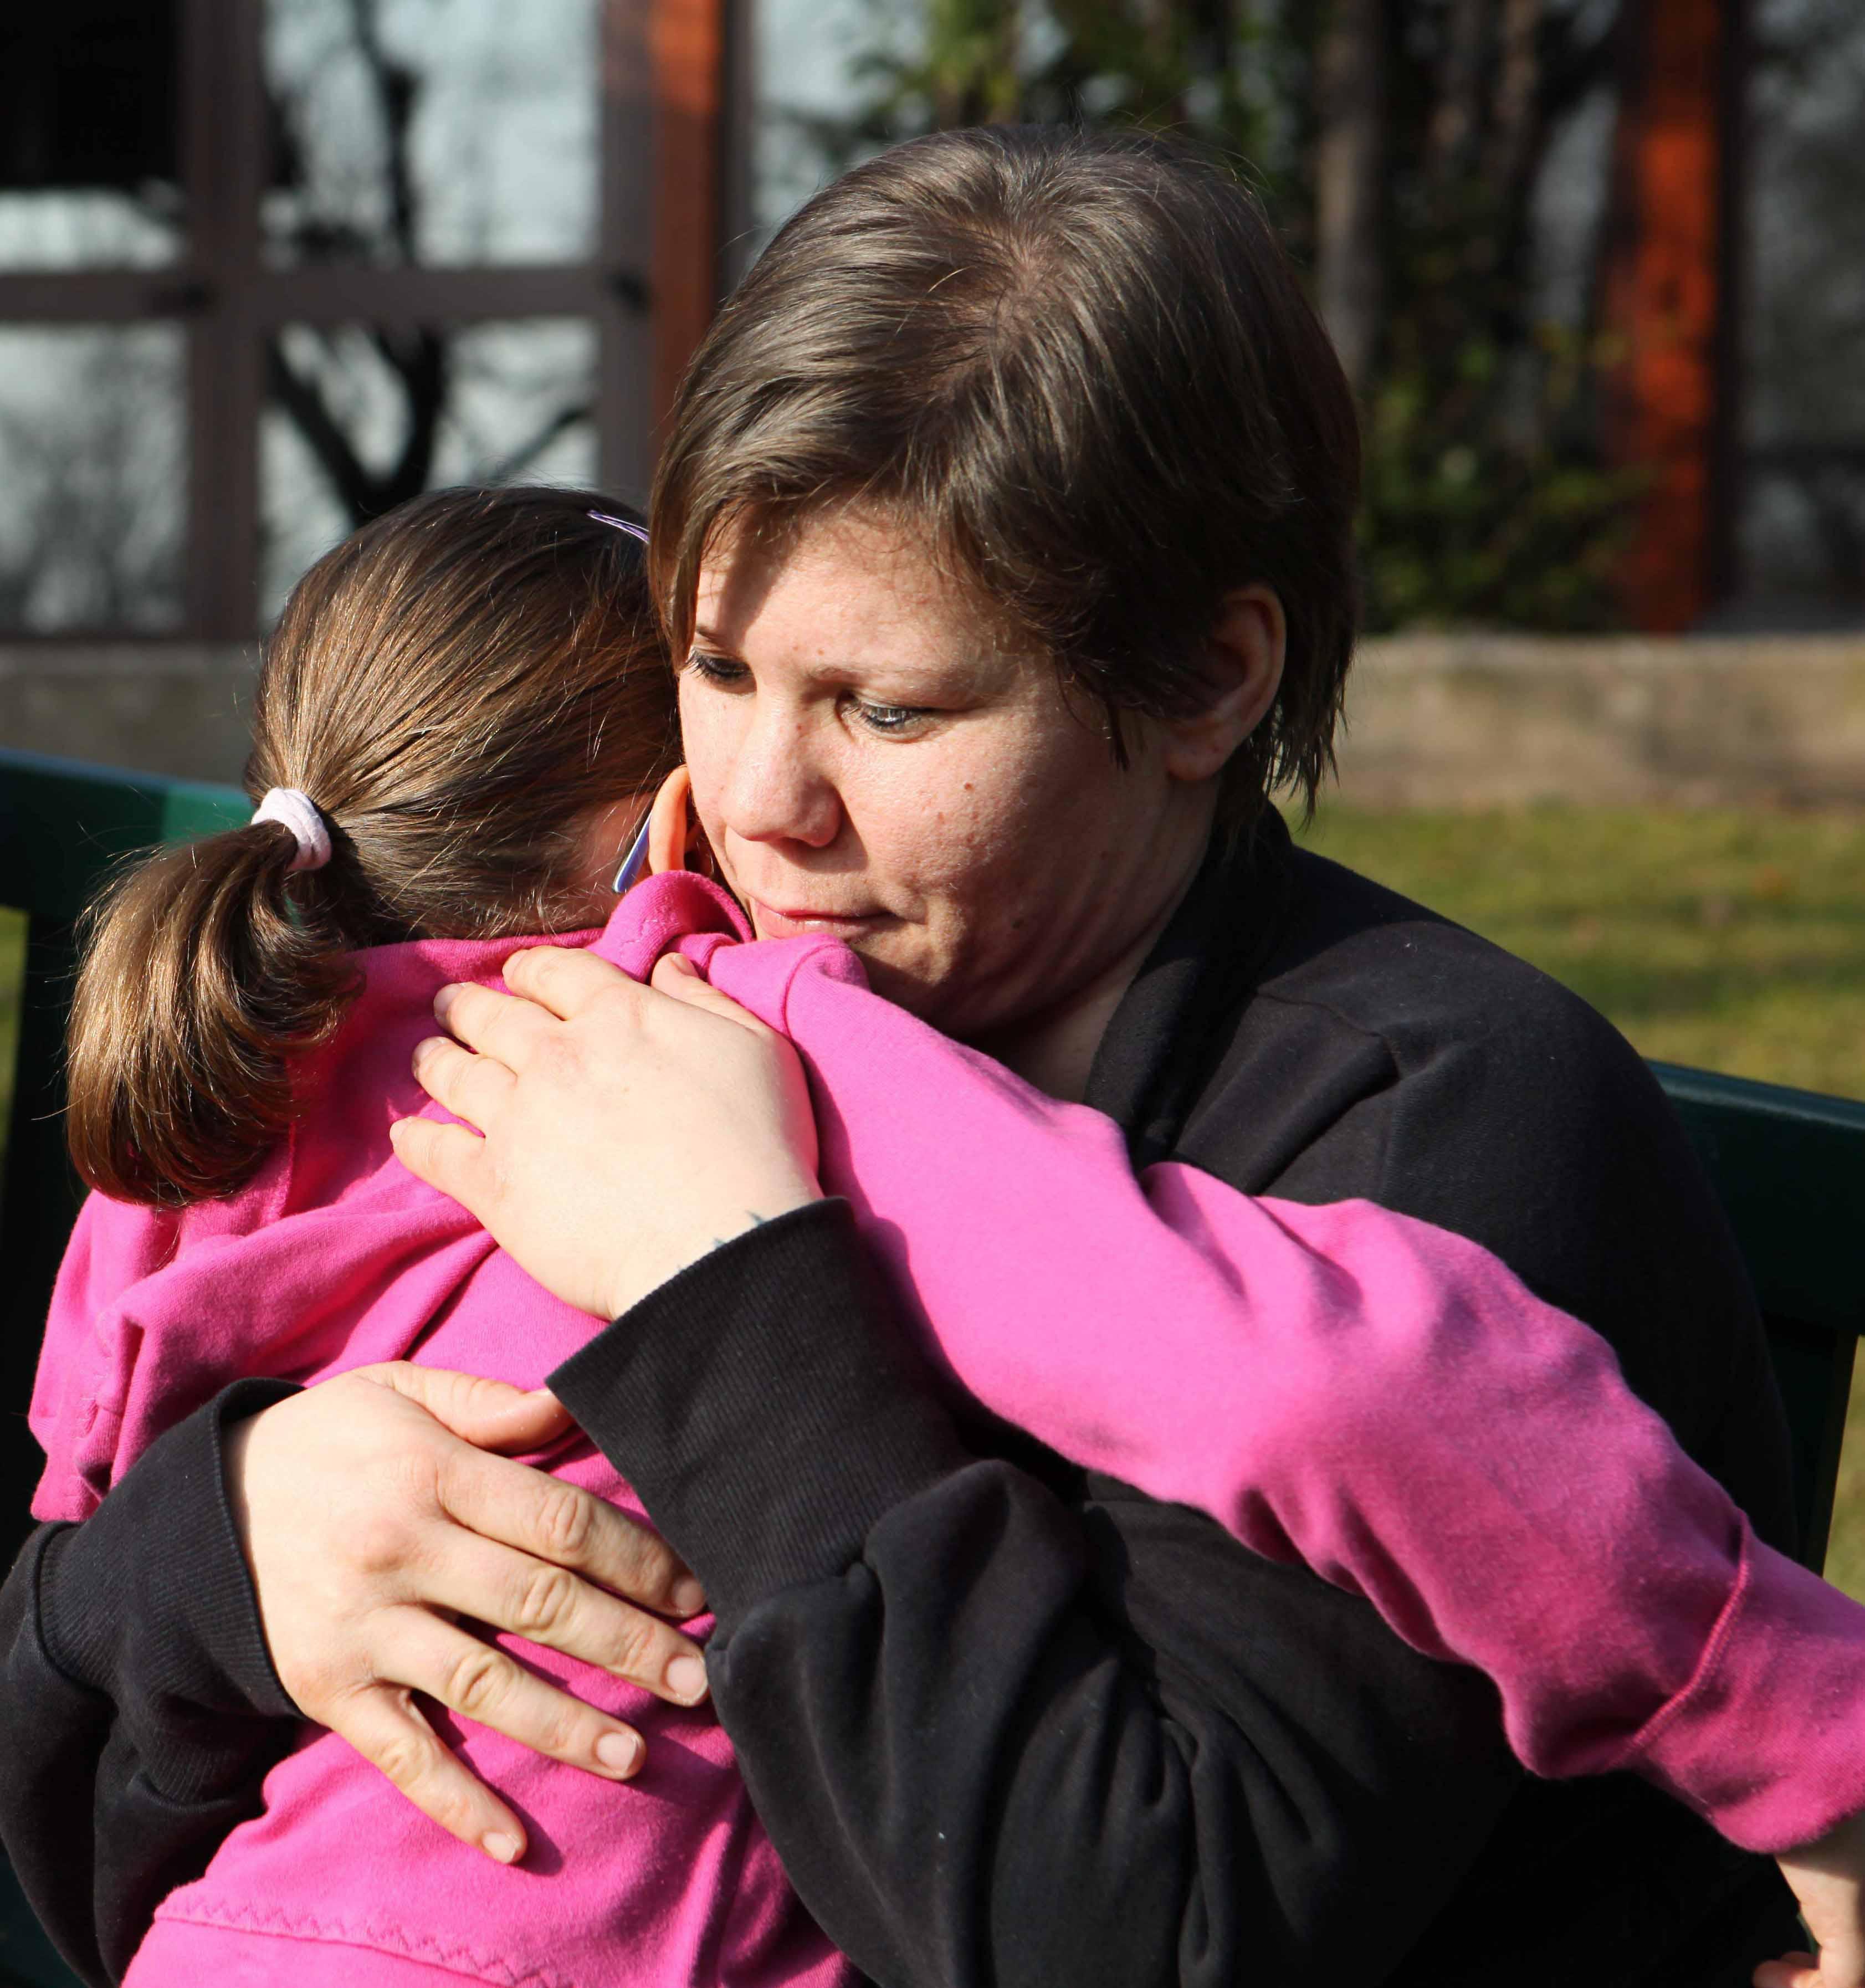 San Patrignano. Gruppo mamme. Martina Bassi con Daniela Monteleone con la figlia Eleonora. Ragazze comunità. Abbraccio.